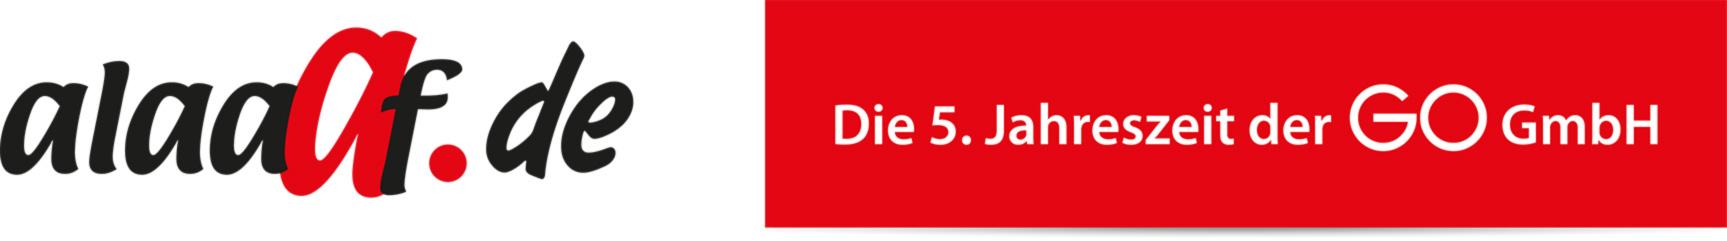 Kommando3 - alaaf.de - Die 5. Jahreszeit der GO GmbH